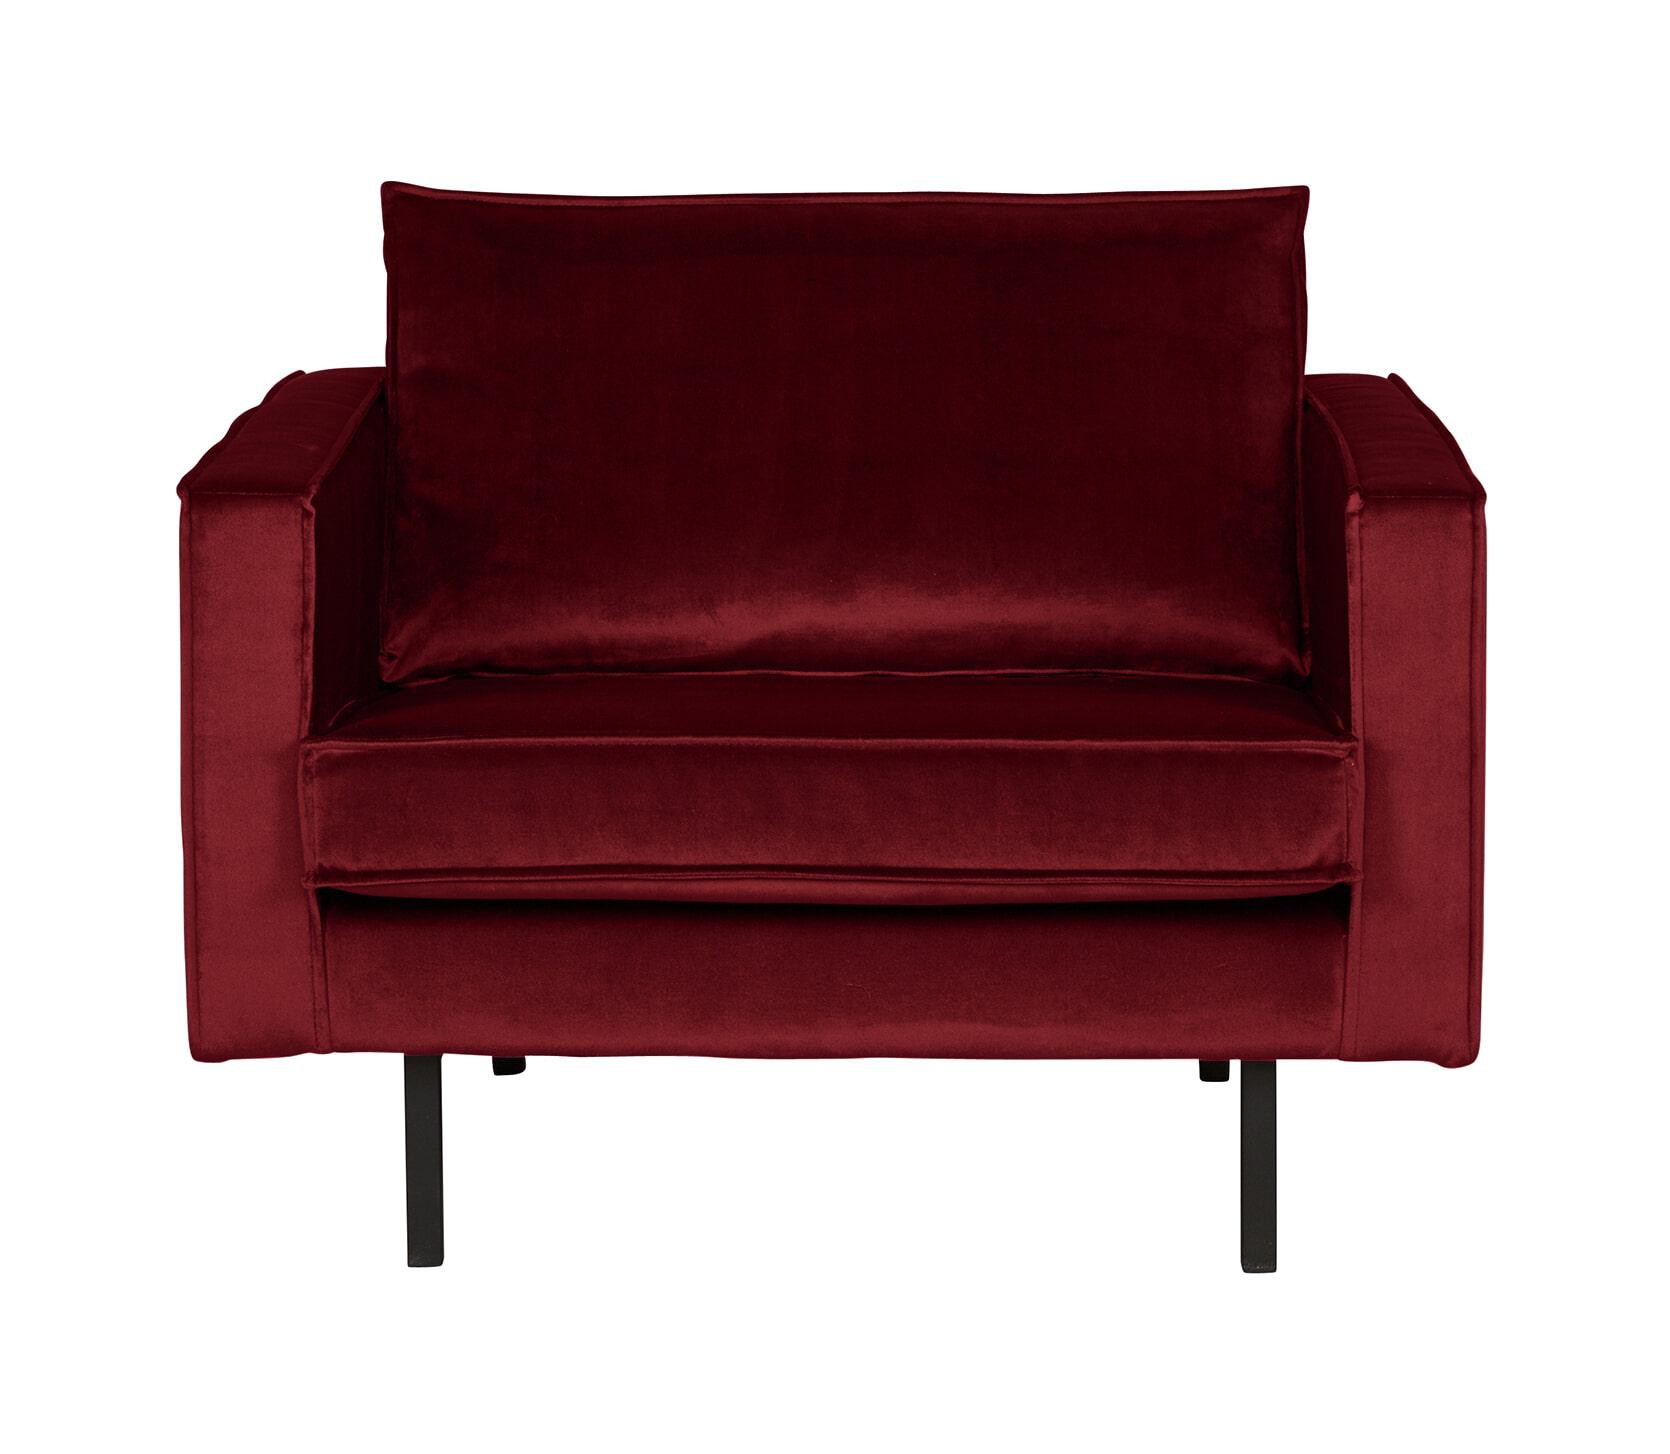 BePureHome Fauteuil 'Rodeo' Velvet, kleur Rood Zitmeubelen | Fauteuils vergelijken doe je het voordeligst hier bij Meubelpartner